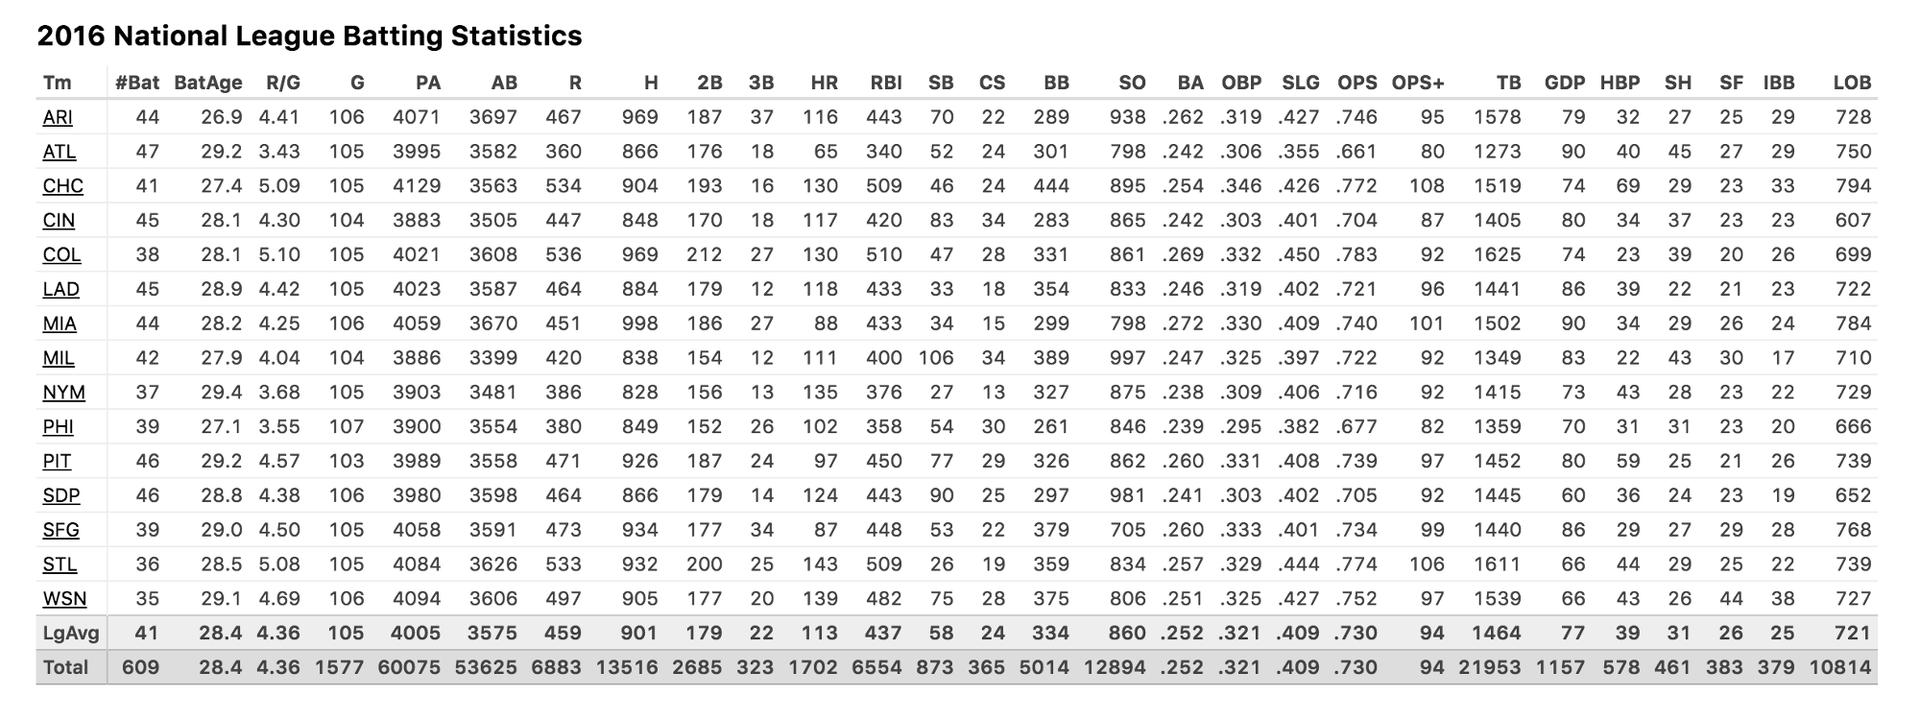 Статистика бэттинга в Национальной Лиге 2016